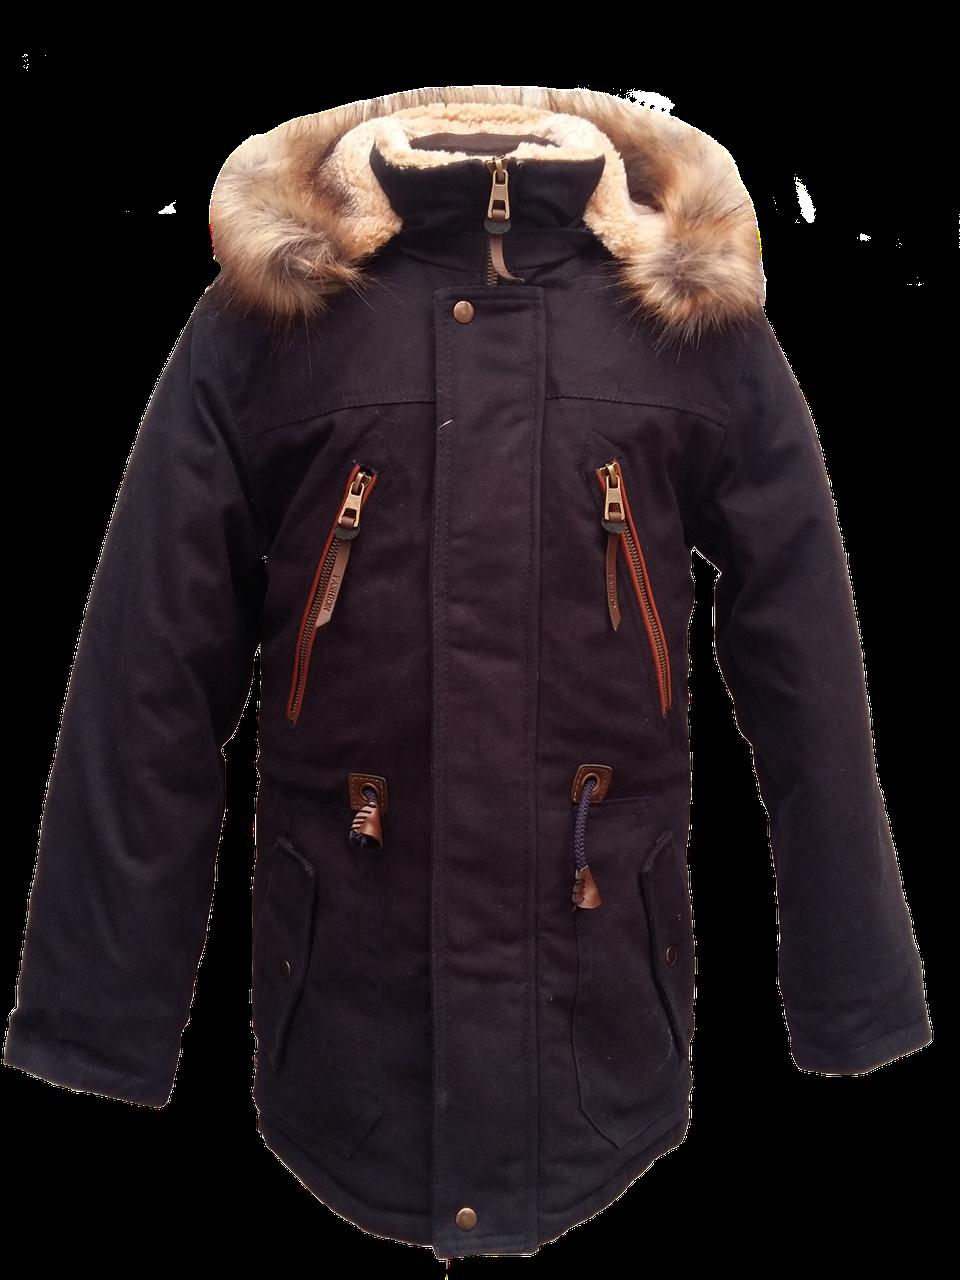 Куртка зимняя с капюшоном на мальчика парка 5661